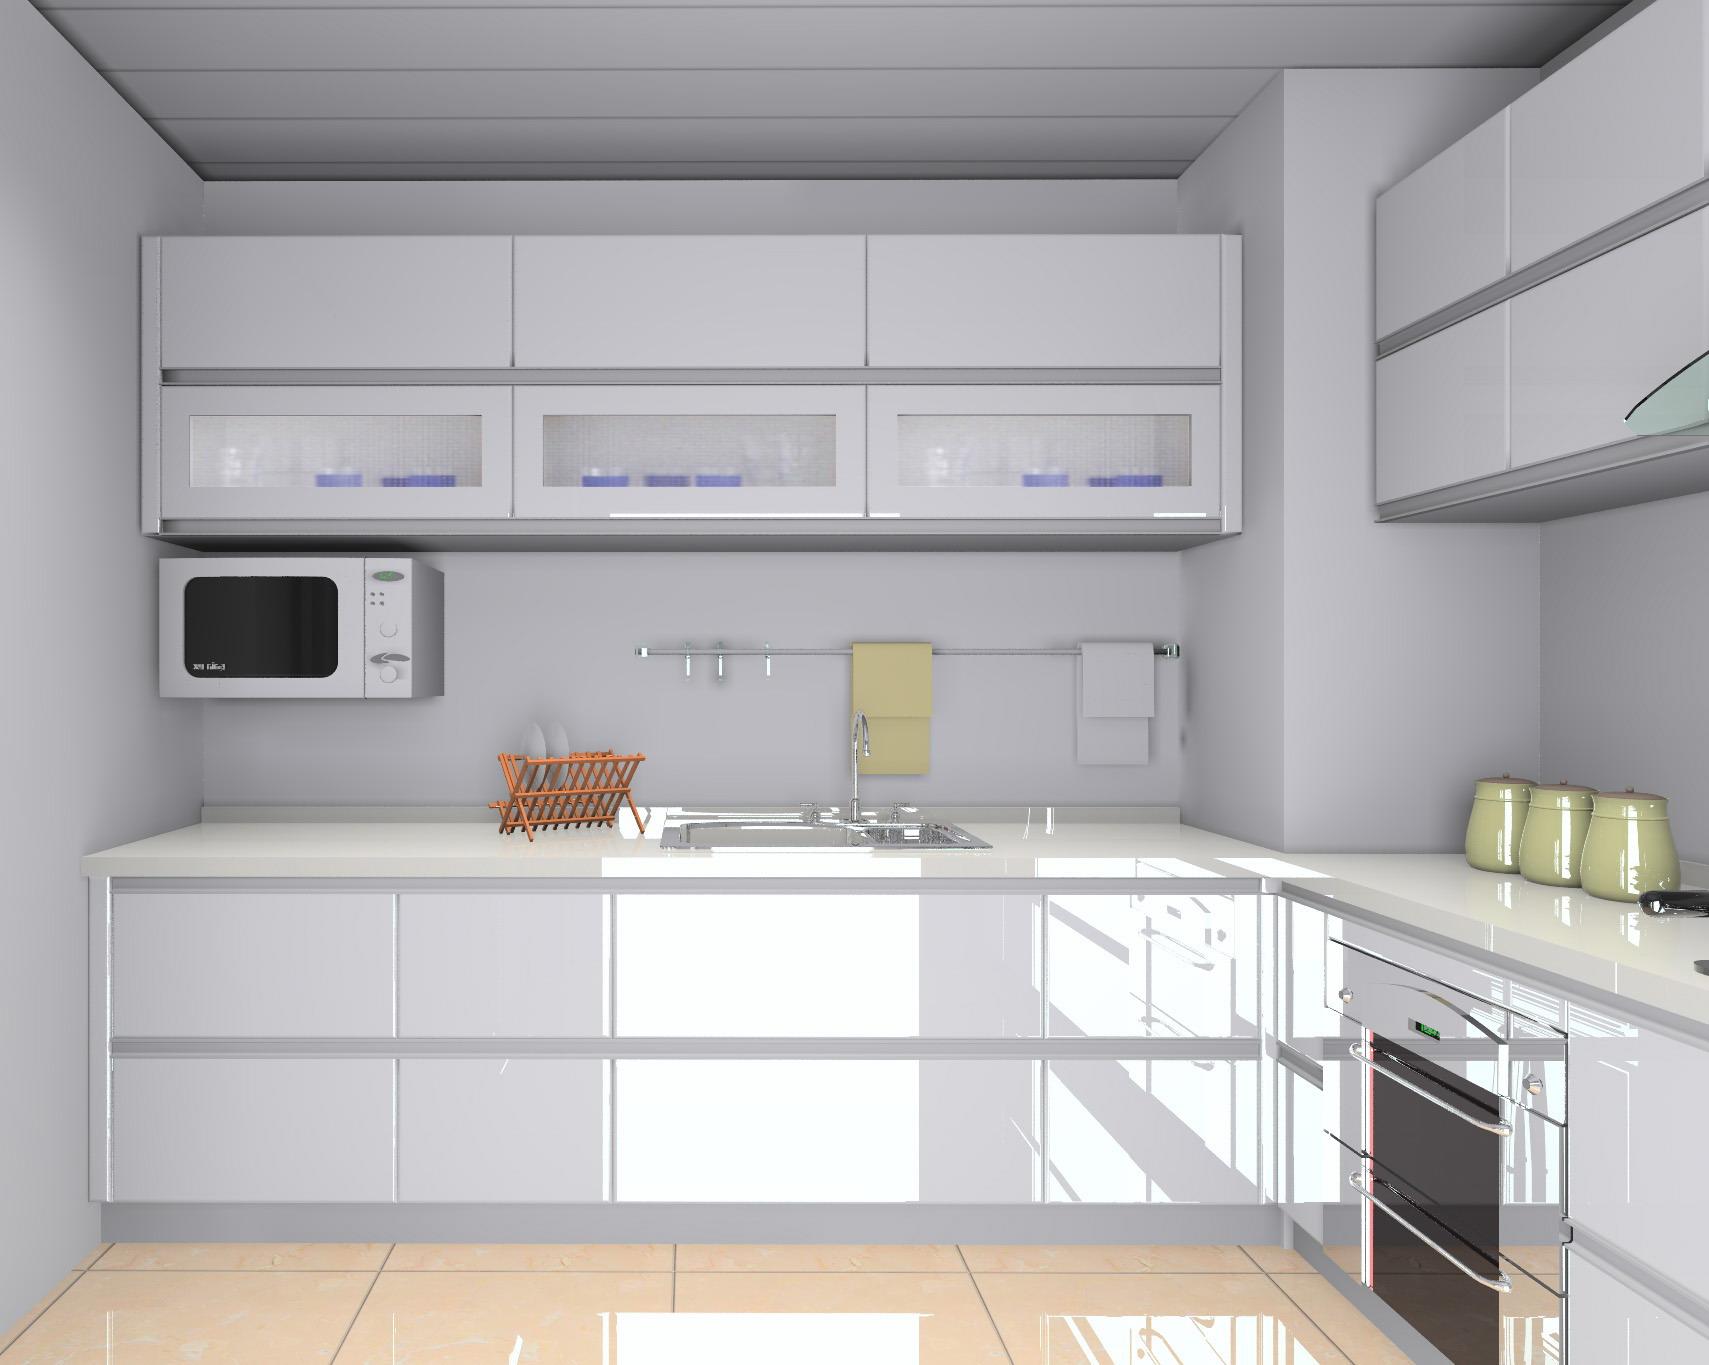 厨房家装图片收集 客厅装修效果图 -厨房家装图片收集 客厅装修图片